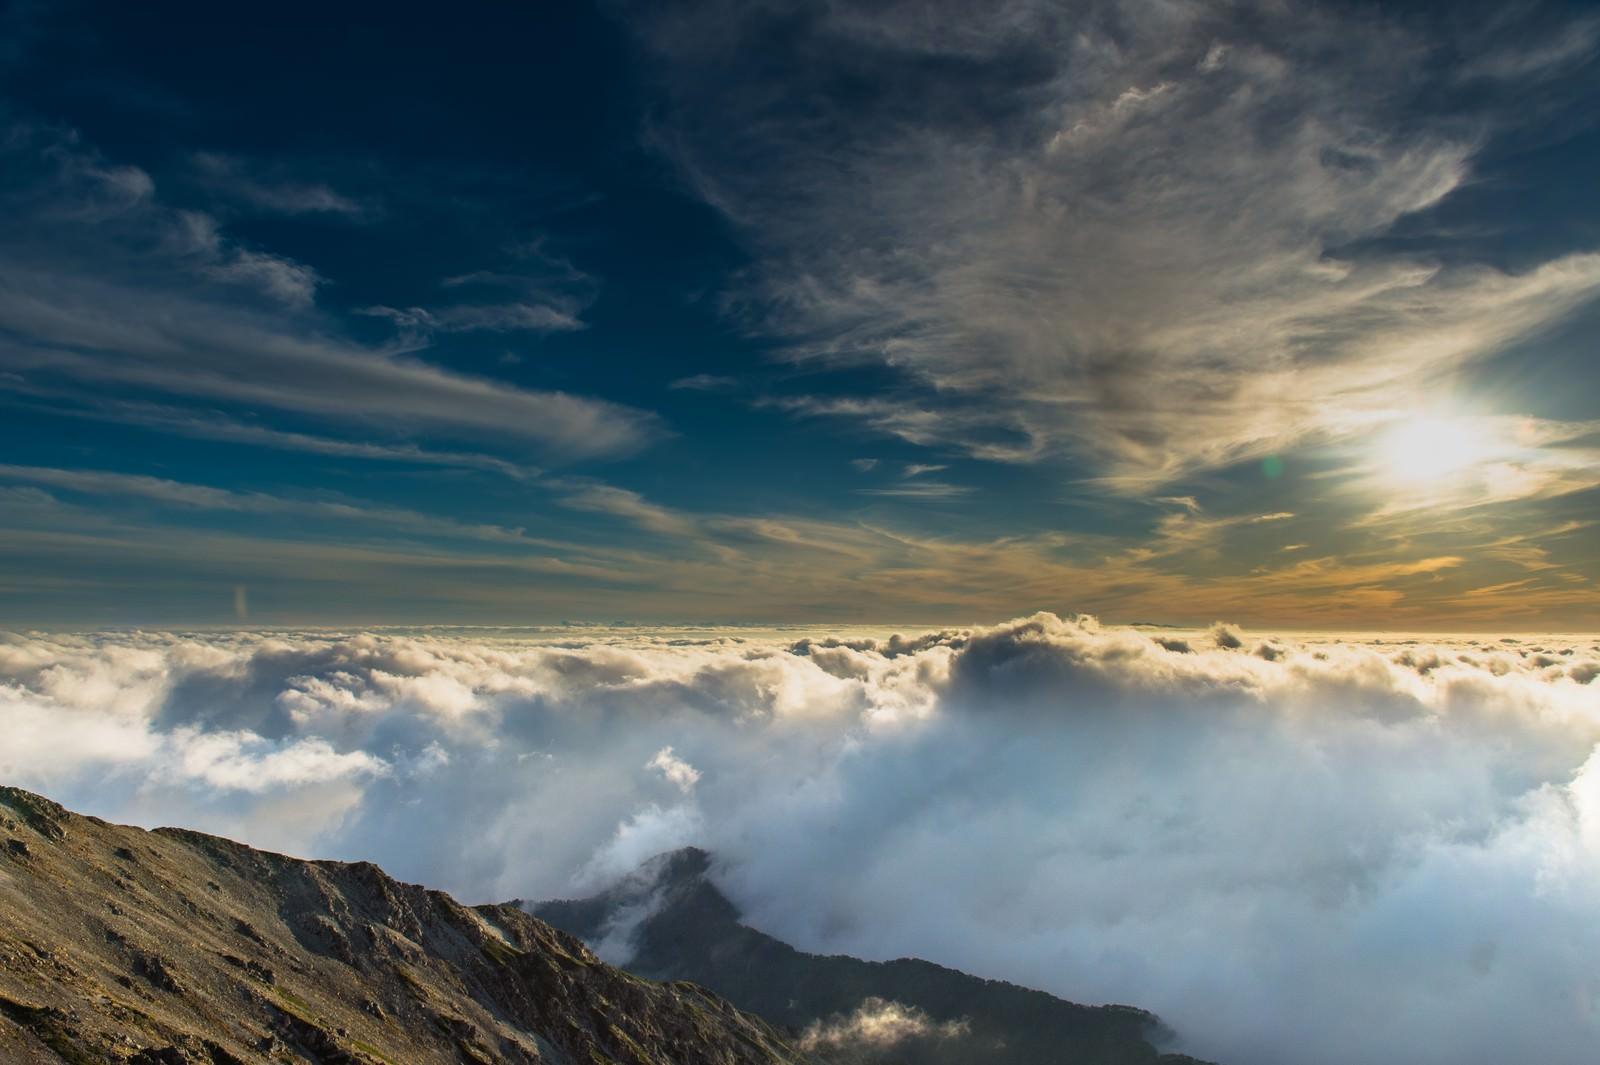 「美しい夕日と雲海に彩られた飛騨乗越美しい夕日と雲海に彩られた飛騨乗越」のフリー写真素材を拡大